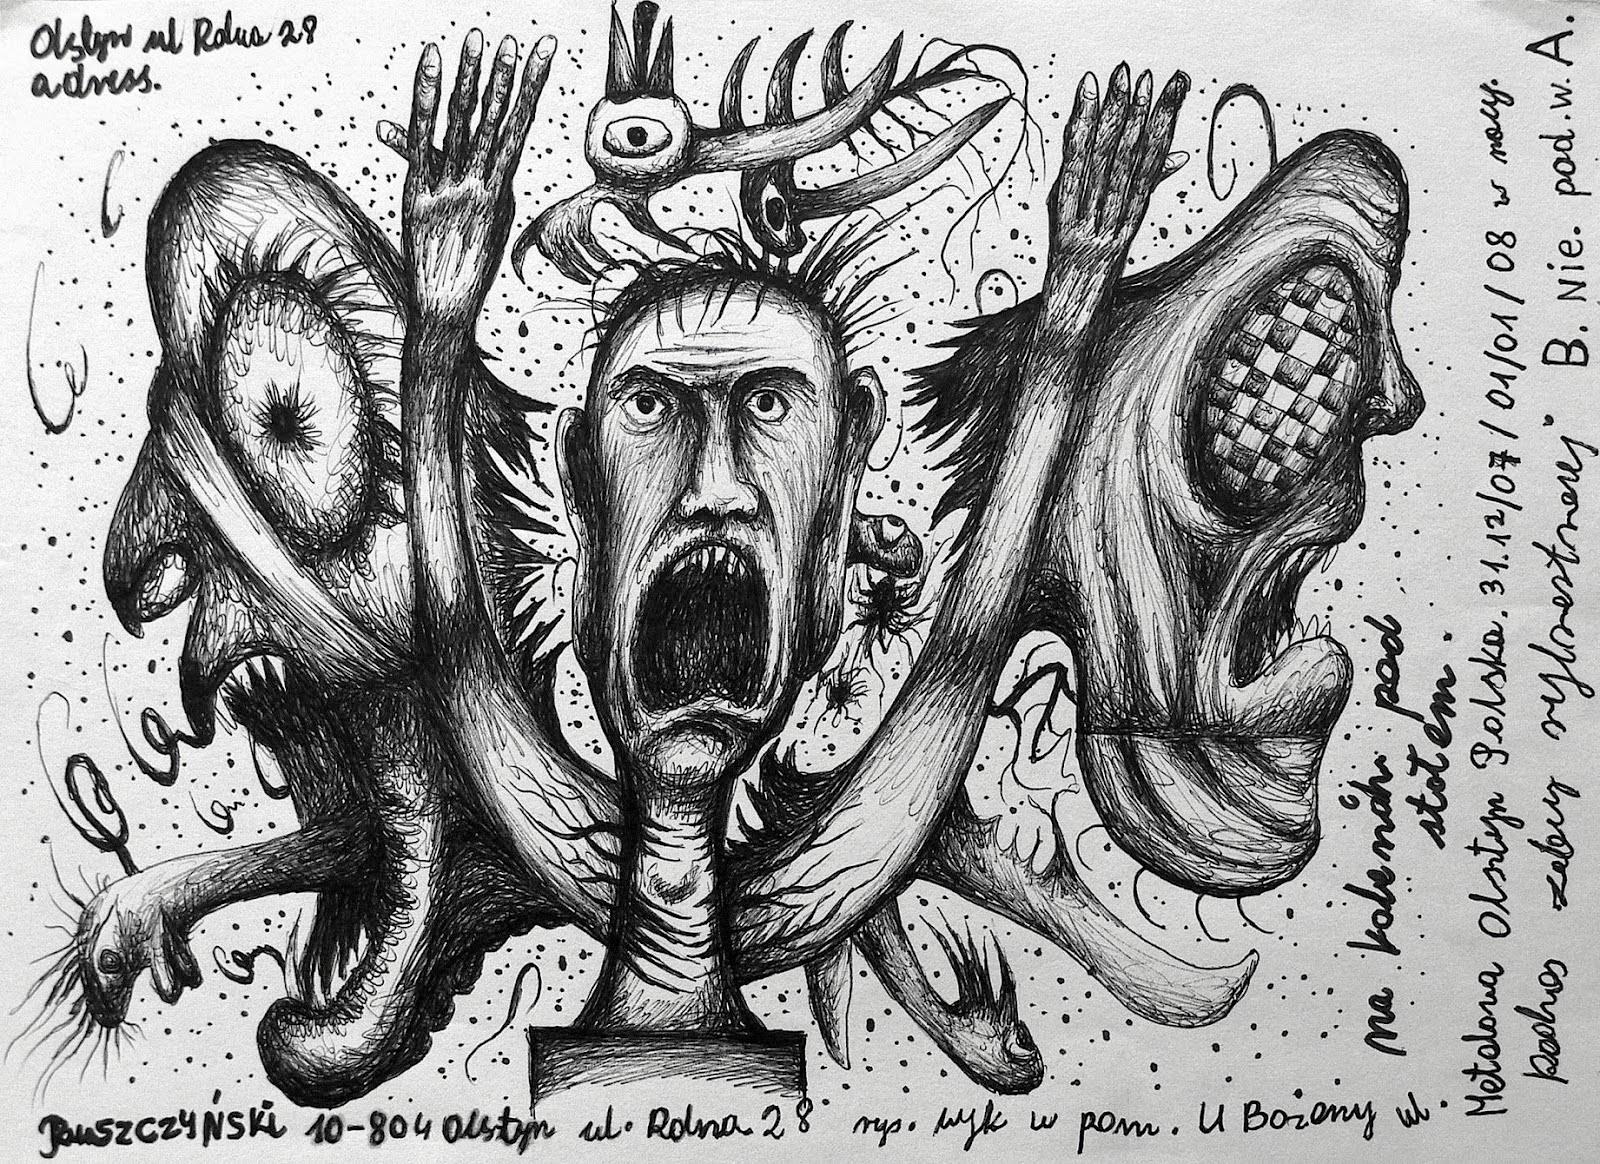 Jerzy Ruszczynski 5- gricha rosov outsider art magazine